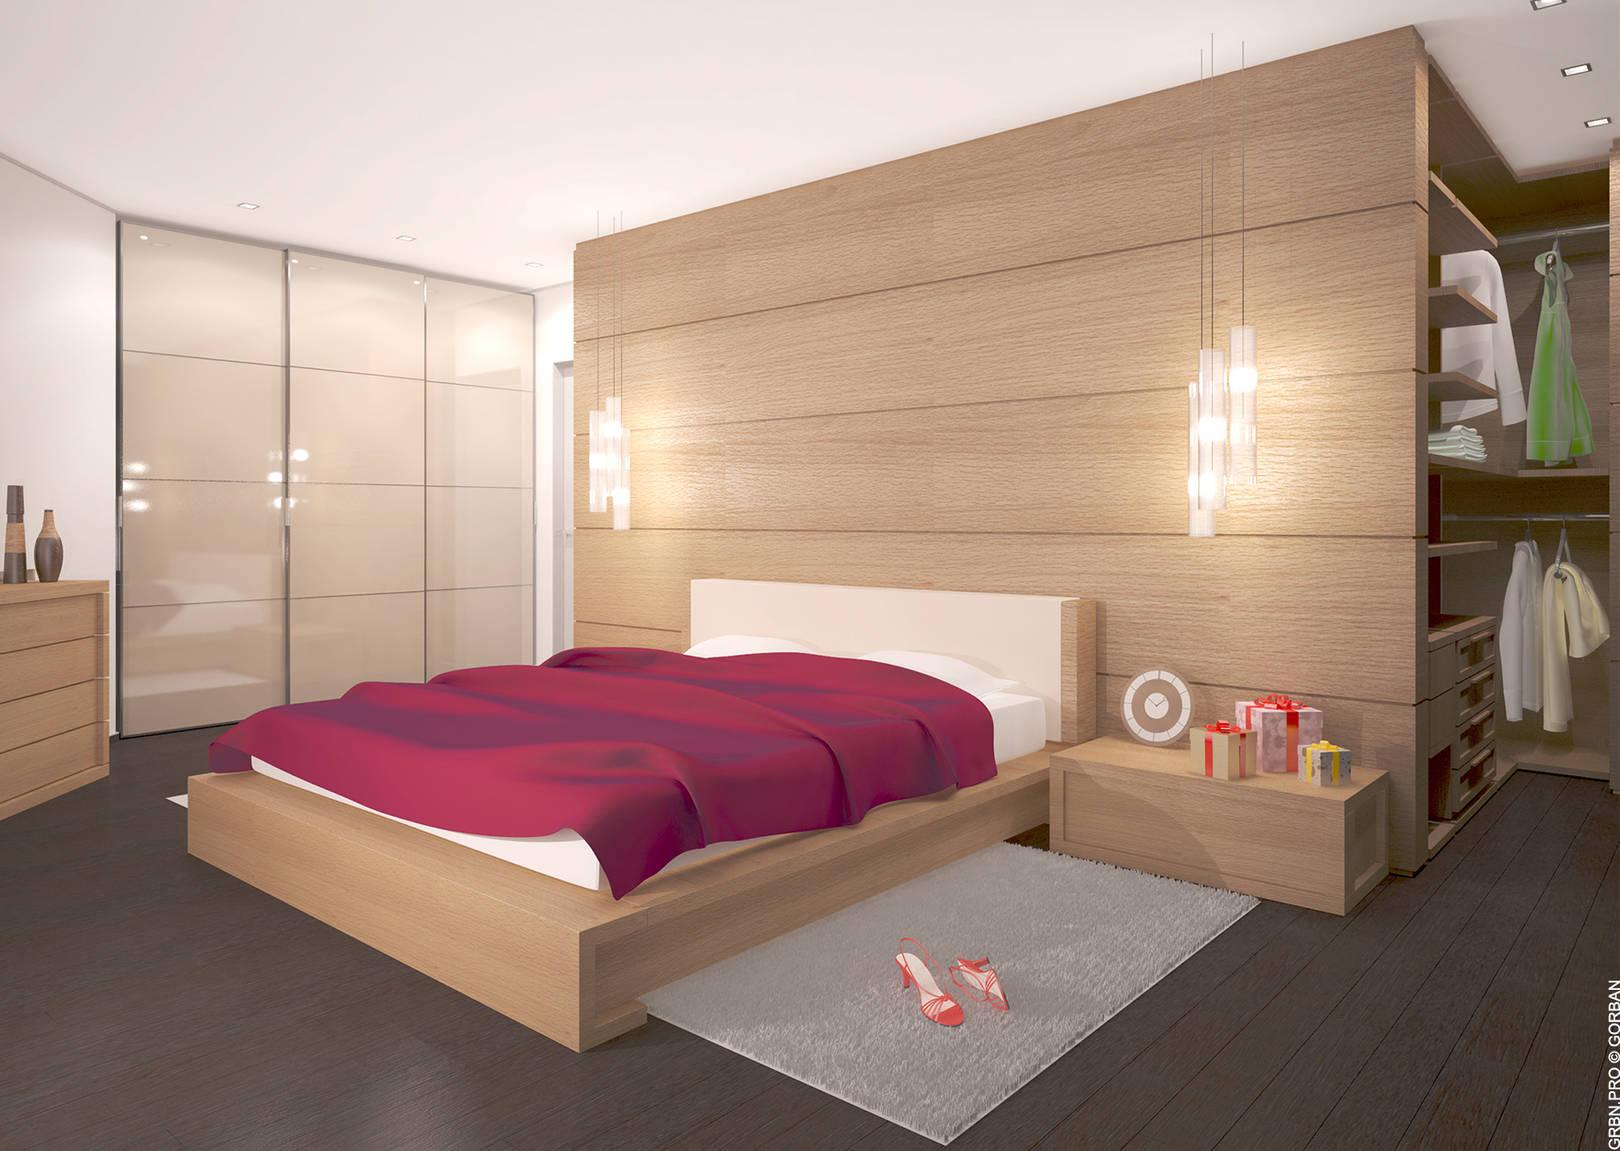 Проект интерьера квартиры. Спальня. 3D визуализация.